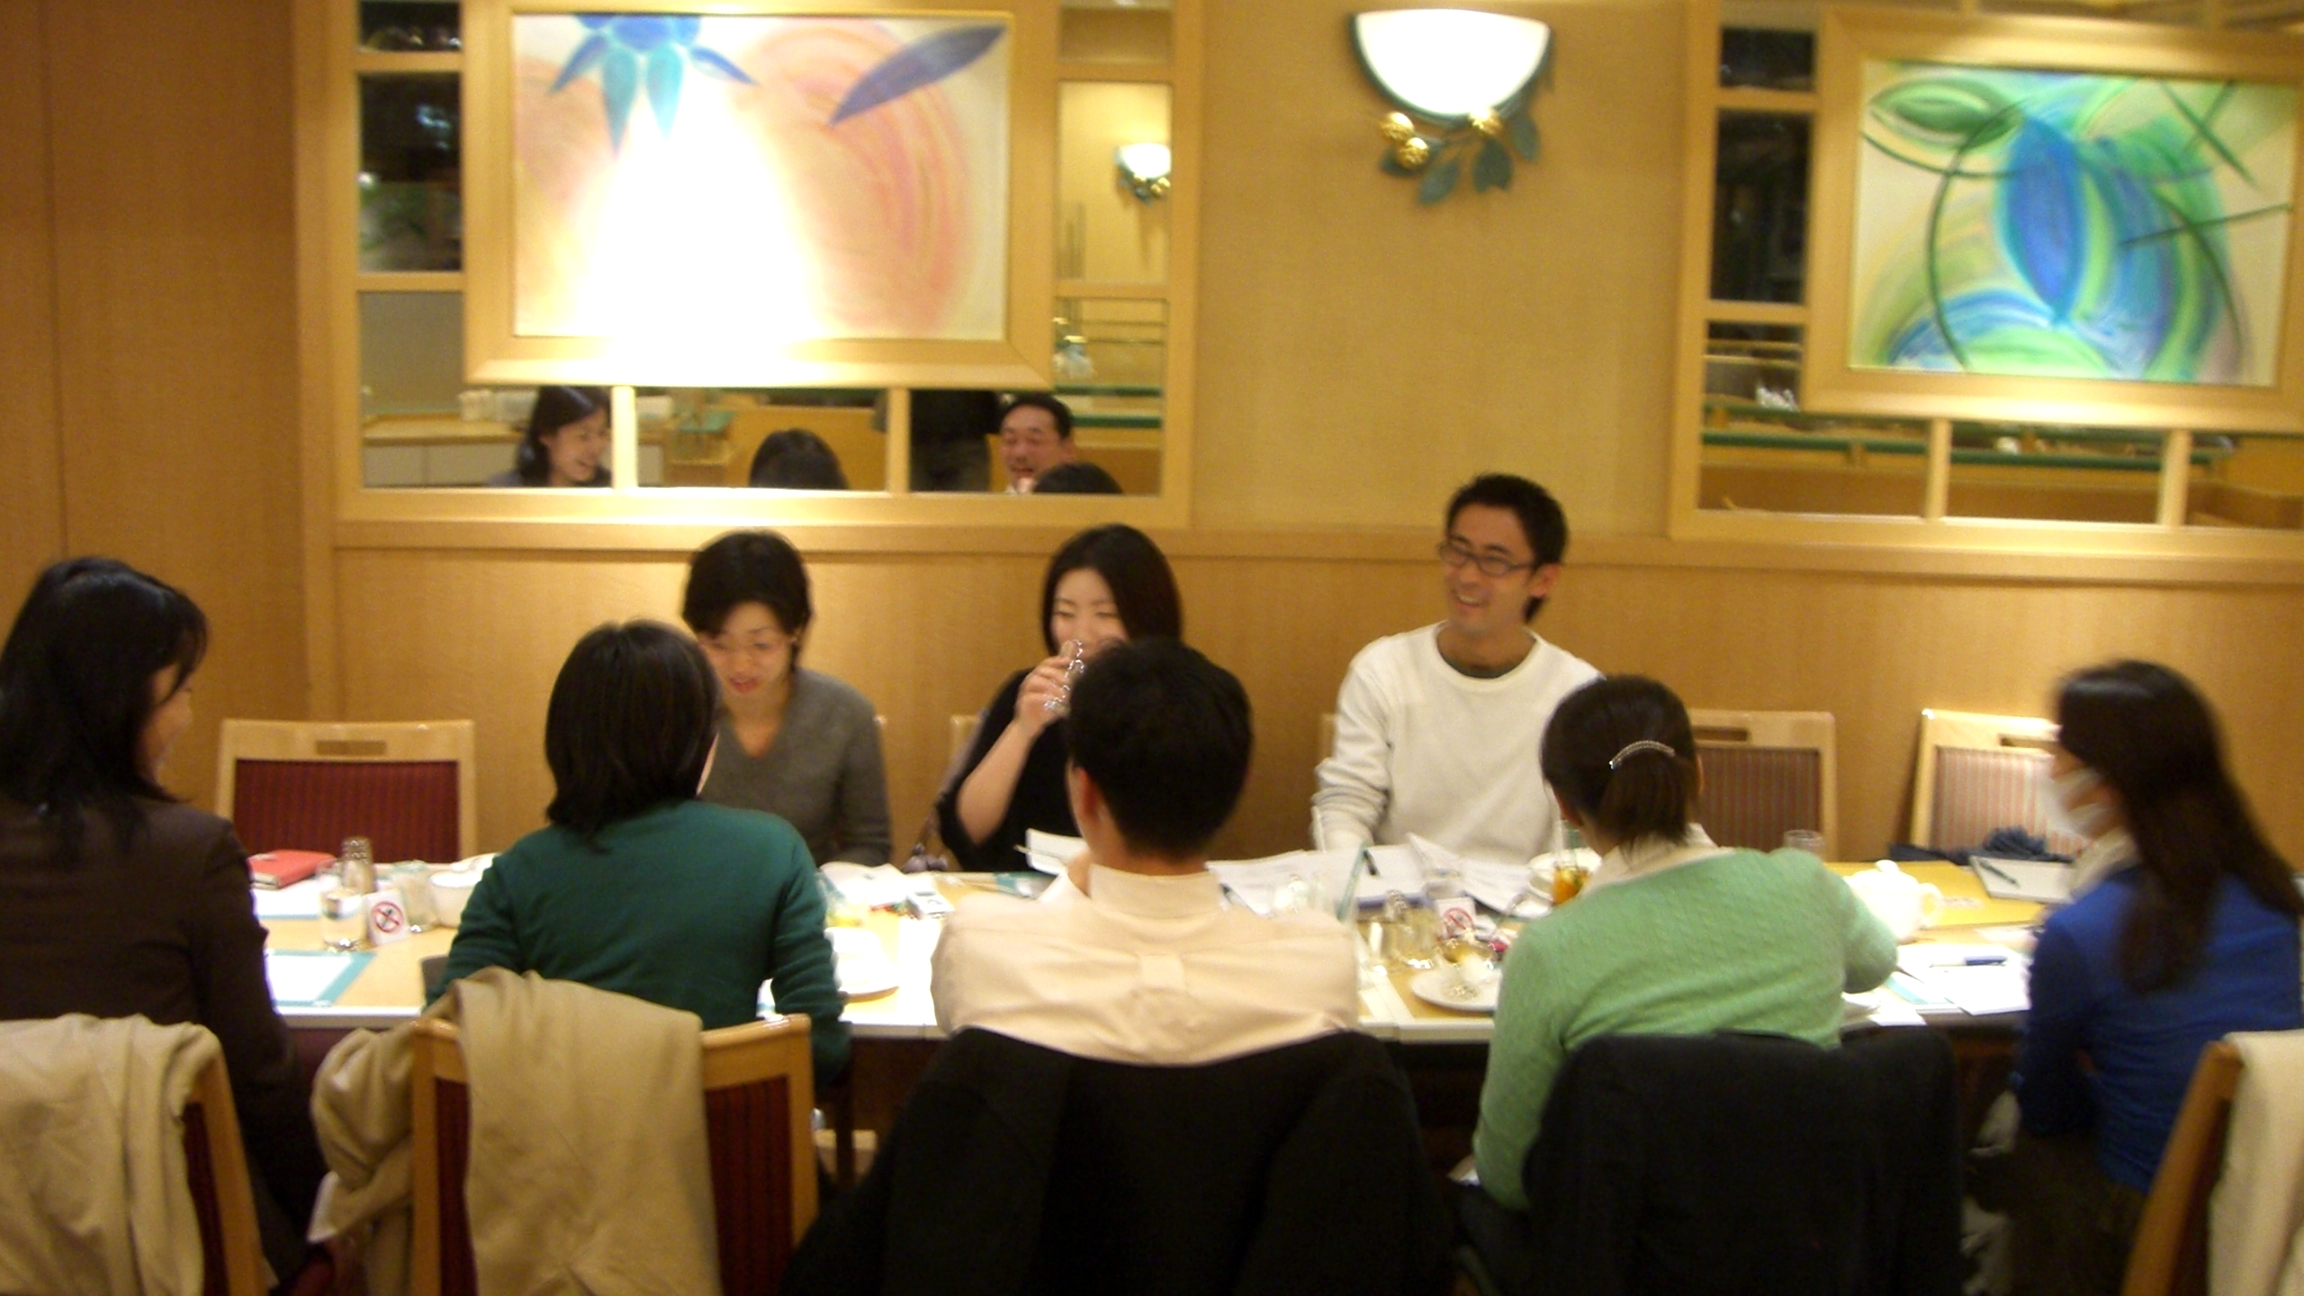 2年ぶりパラサイヨ・コーチングワークショップを2年ぶりに開催予定で打合せ。